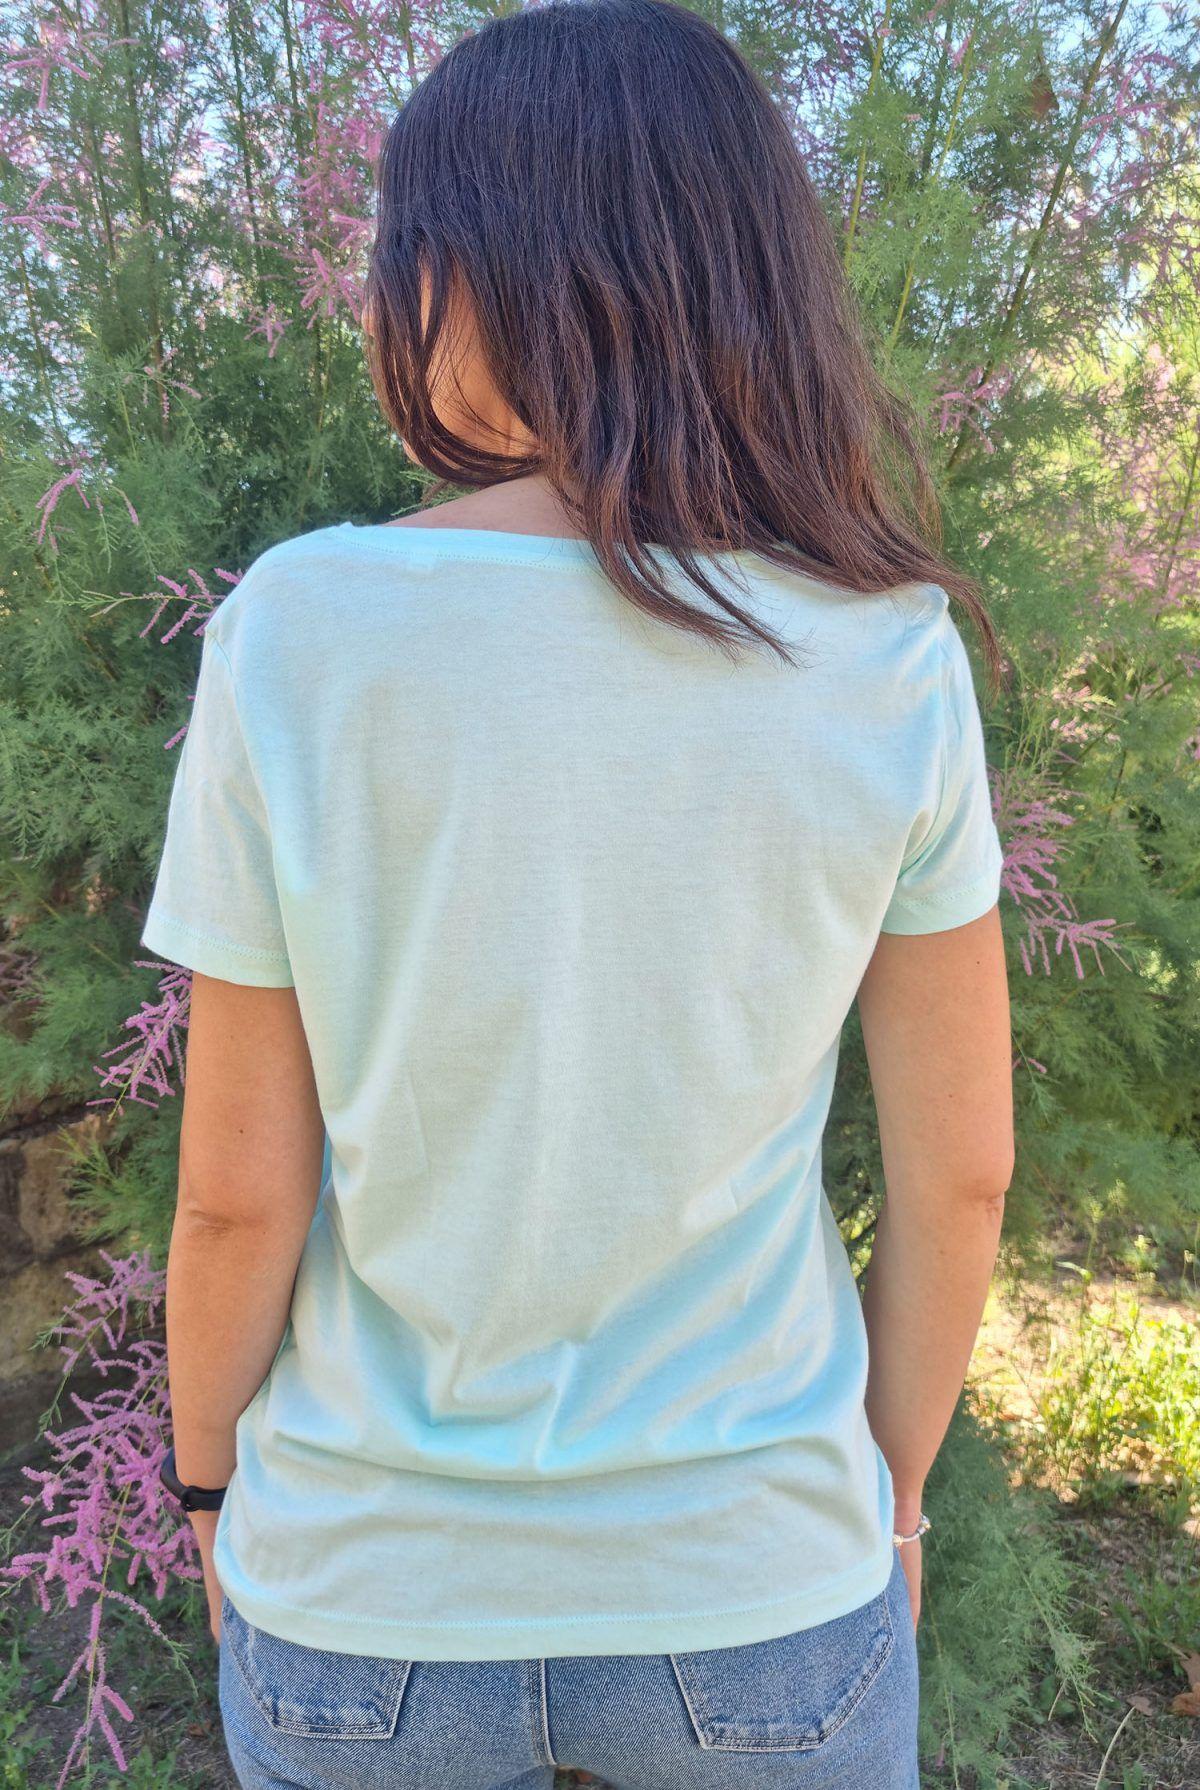 Camiseta mujer bici manga corta algodon organico-sirem wild